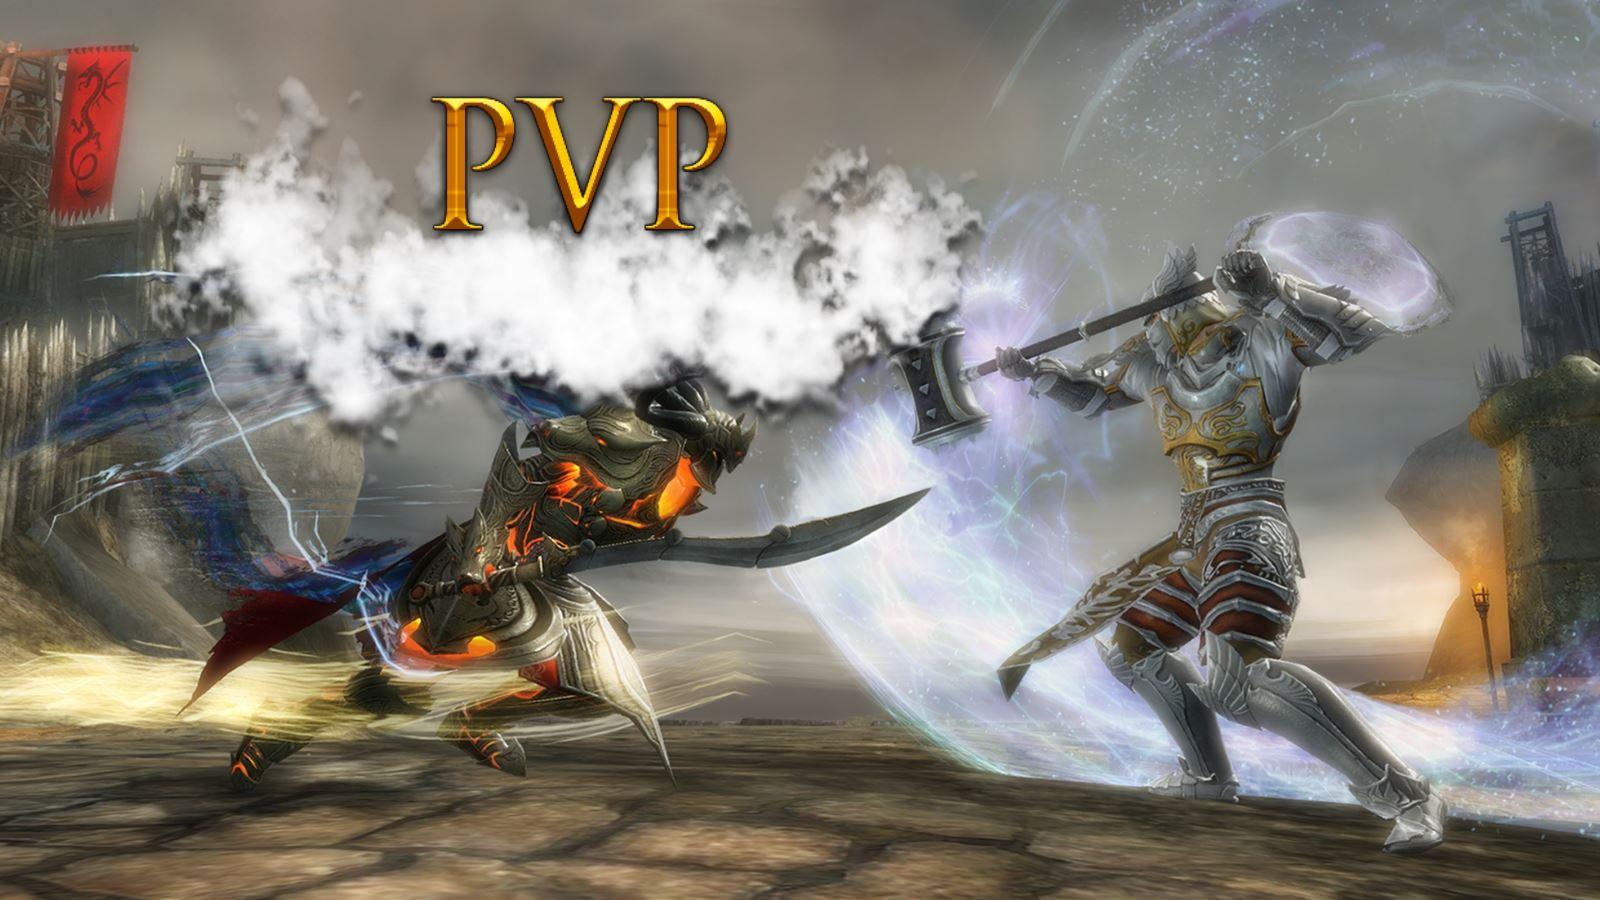 Die besten PvP-MMOs – Welche Online-Spiele bieten gutes PvP?